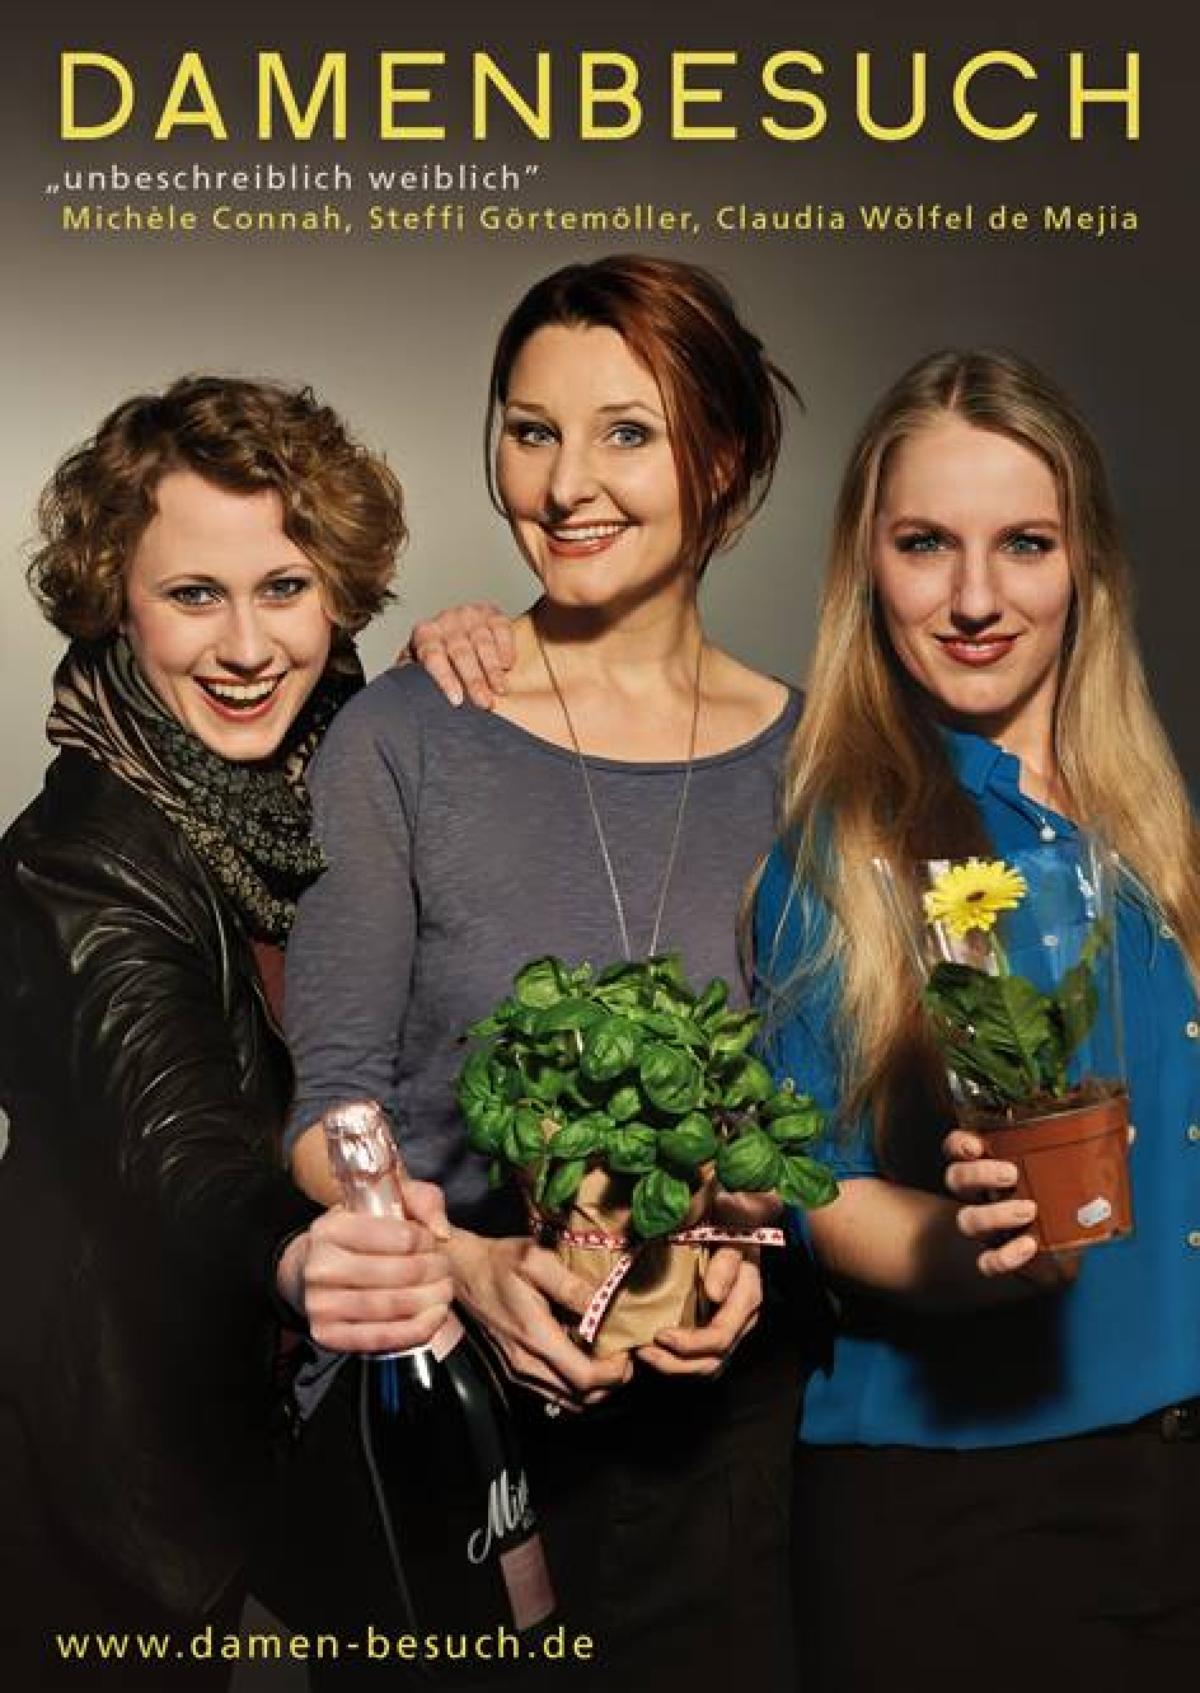 """Veranstaltungsbild zu Viersen: Damenbesuch """"unbeschreiblich weiblich"""""""